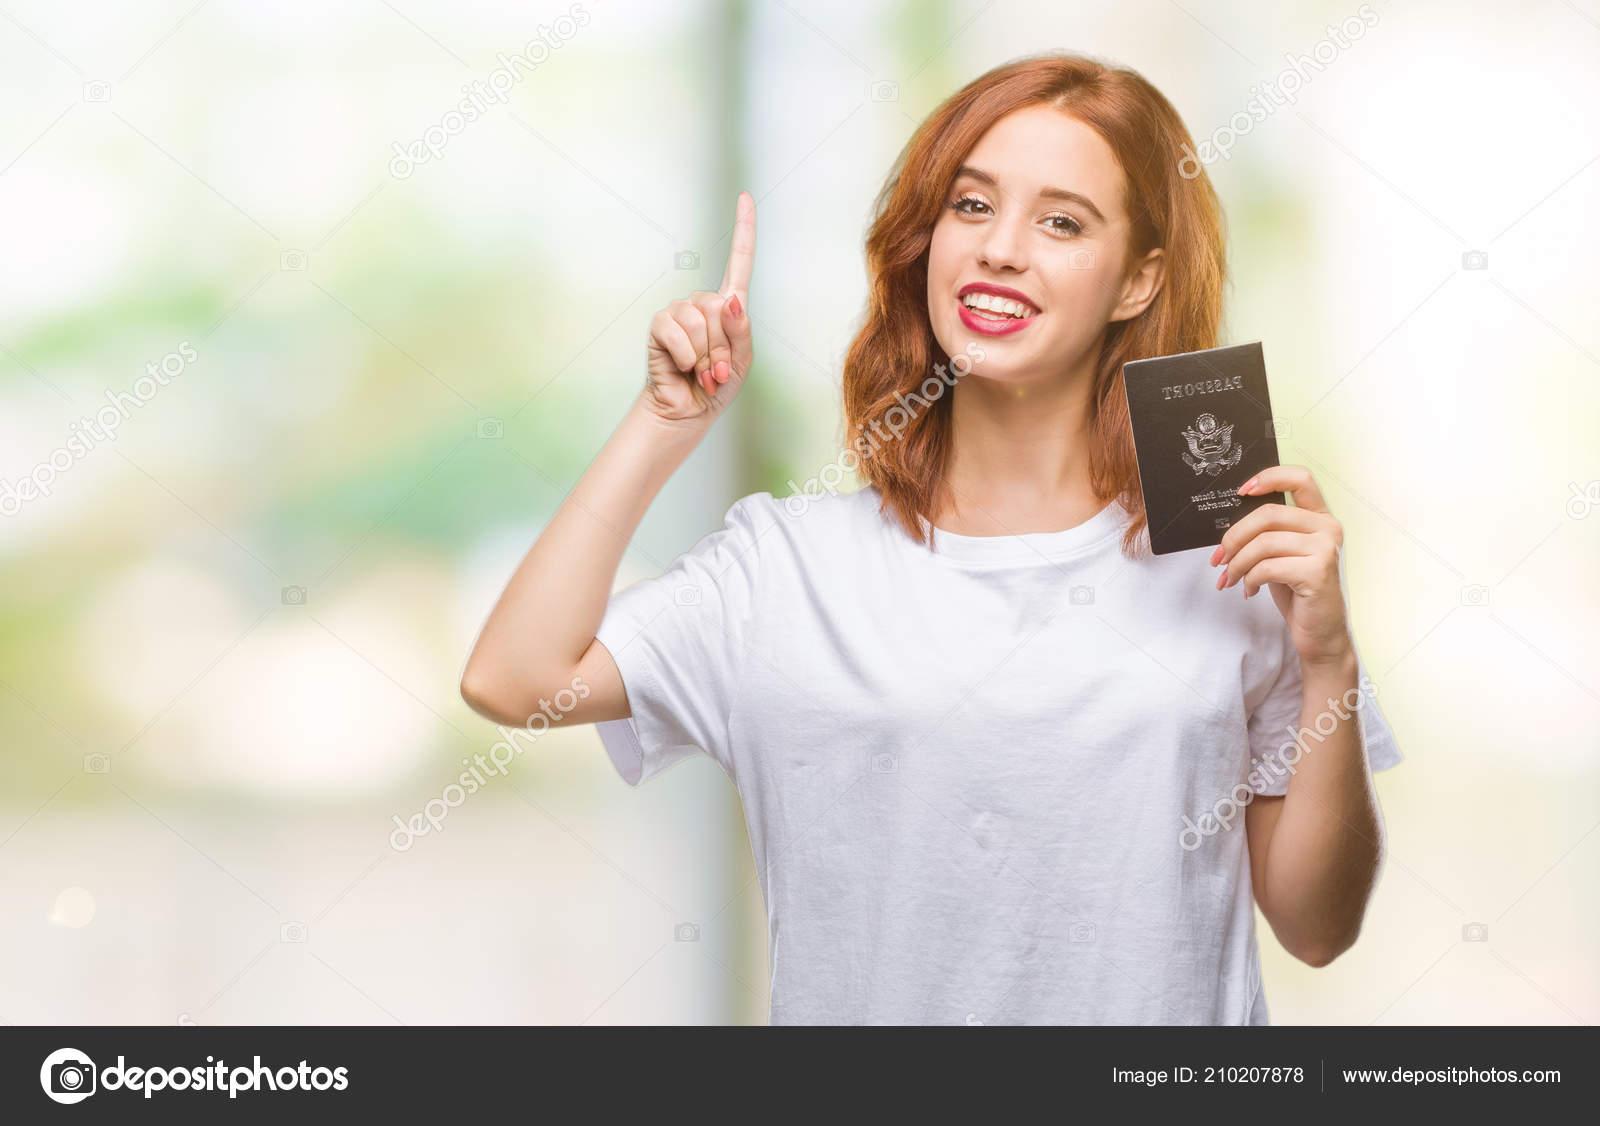 les numéros de téléphone de femmes aux états unis